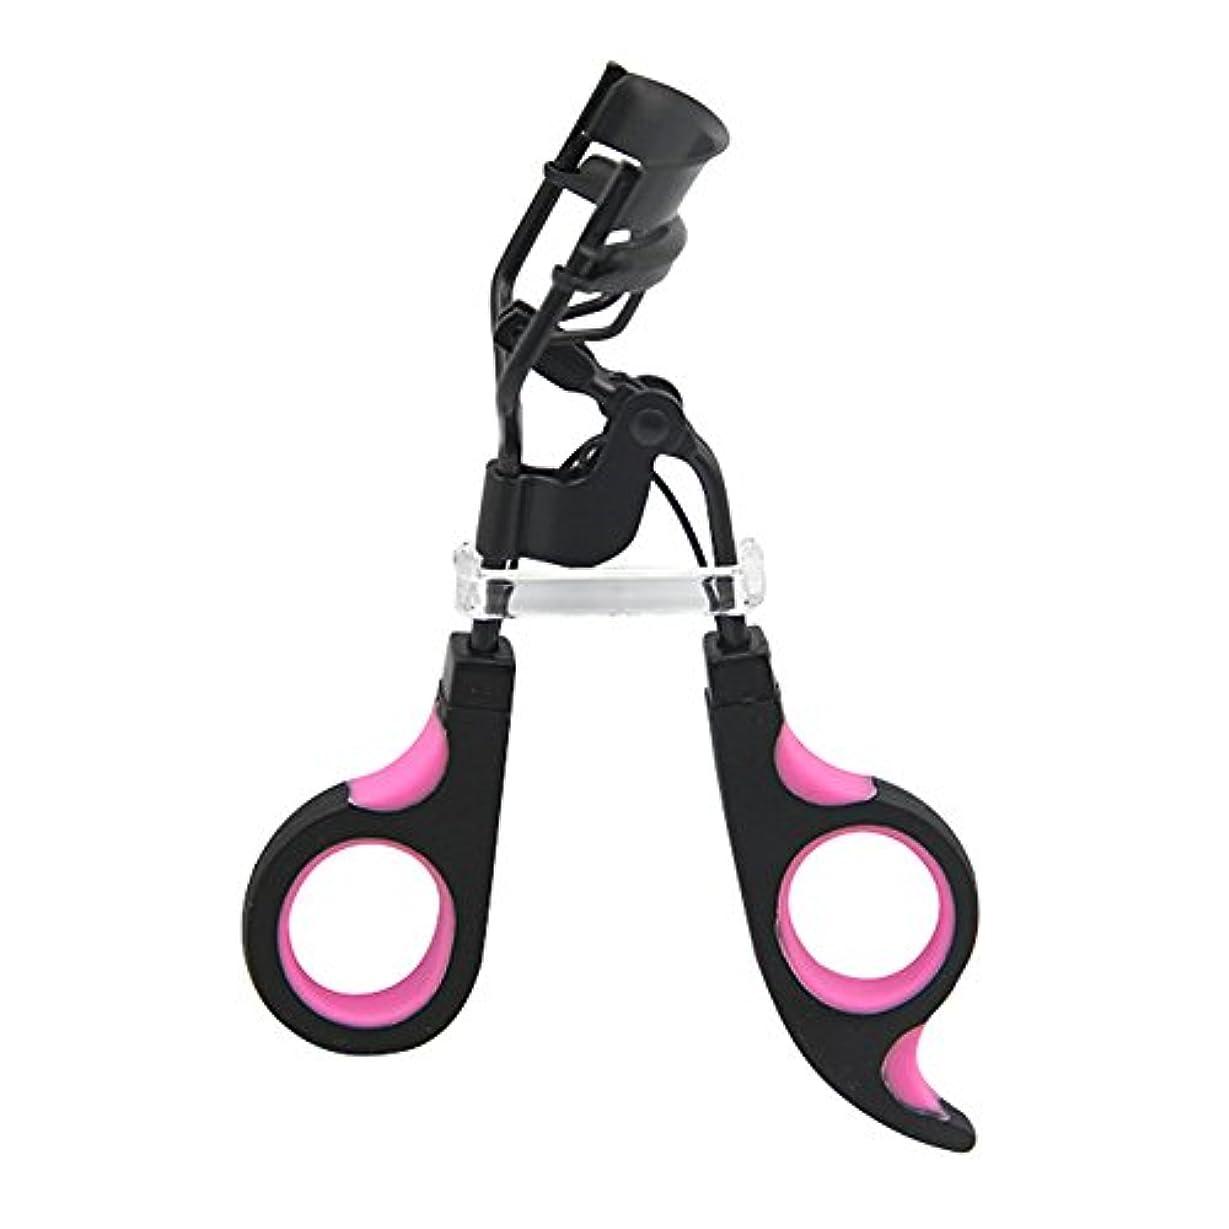 シードストローフォークAMAA アイラッシュカーラー 3D 睫毛用 高級感 高品質 ステンレス